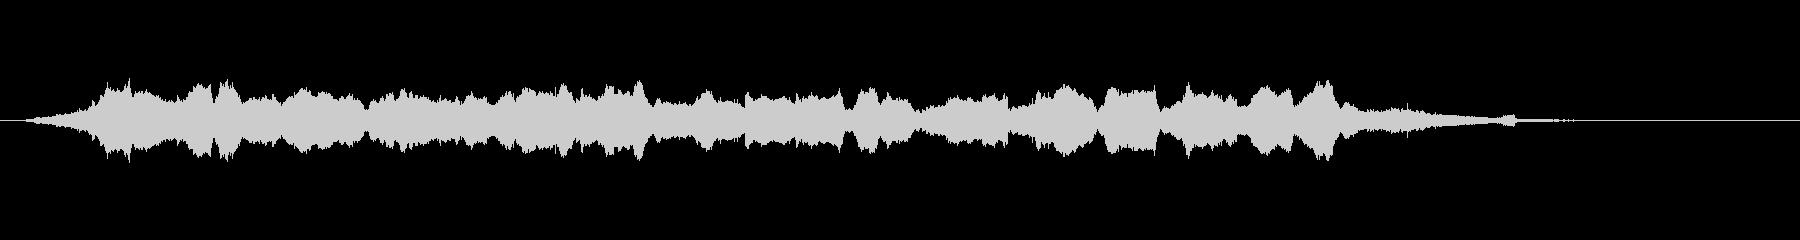 サンダー、エレクトリックパームサン...の未再生の波形